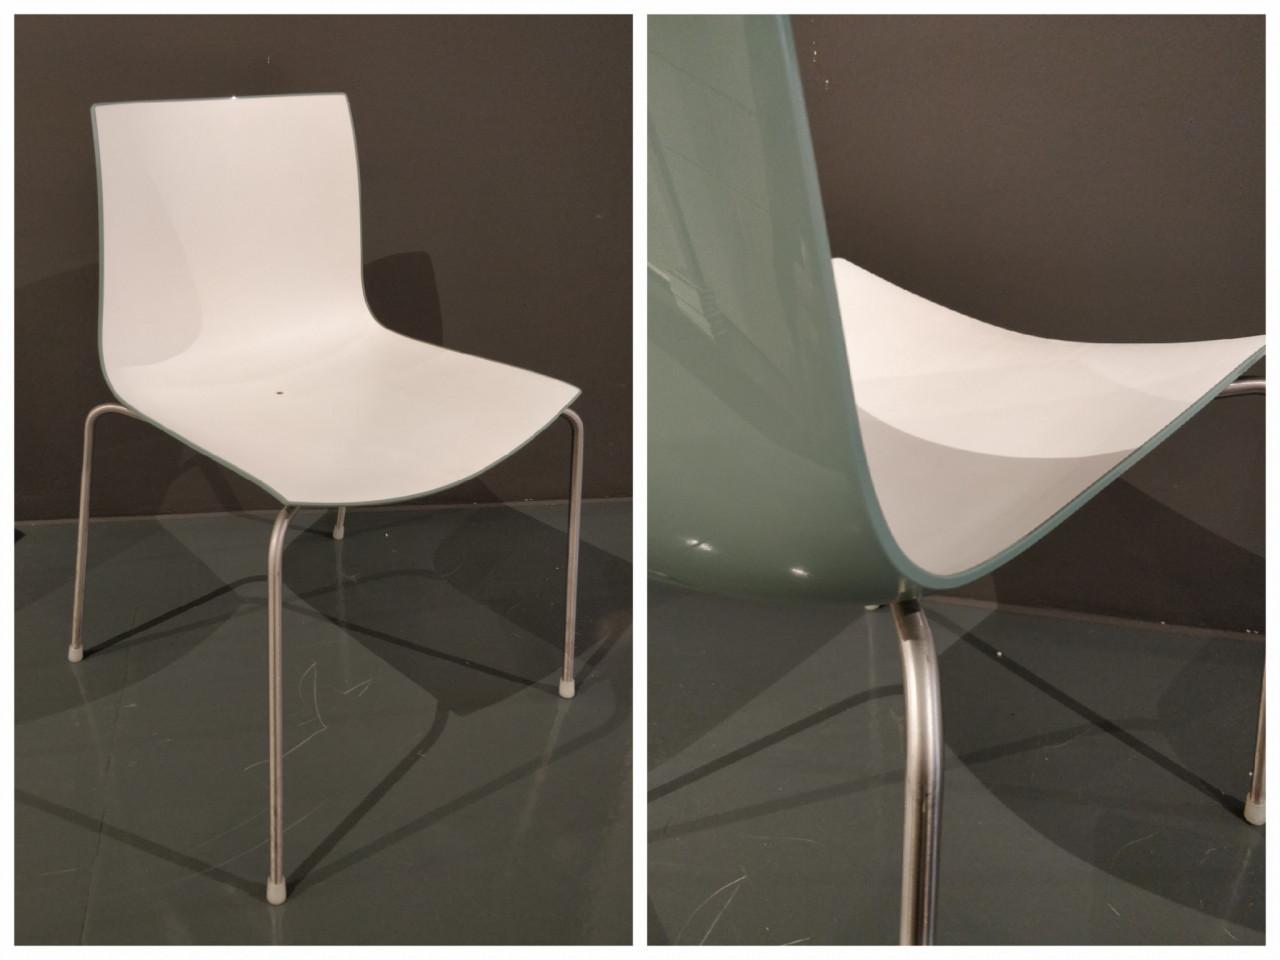 3 Stühle Catifa 46 outdoor von Arper | Designermöbel Köln